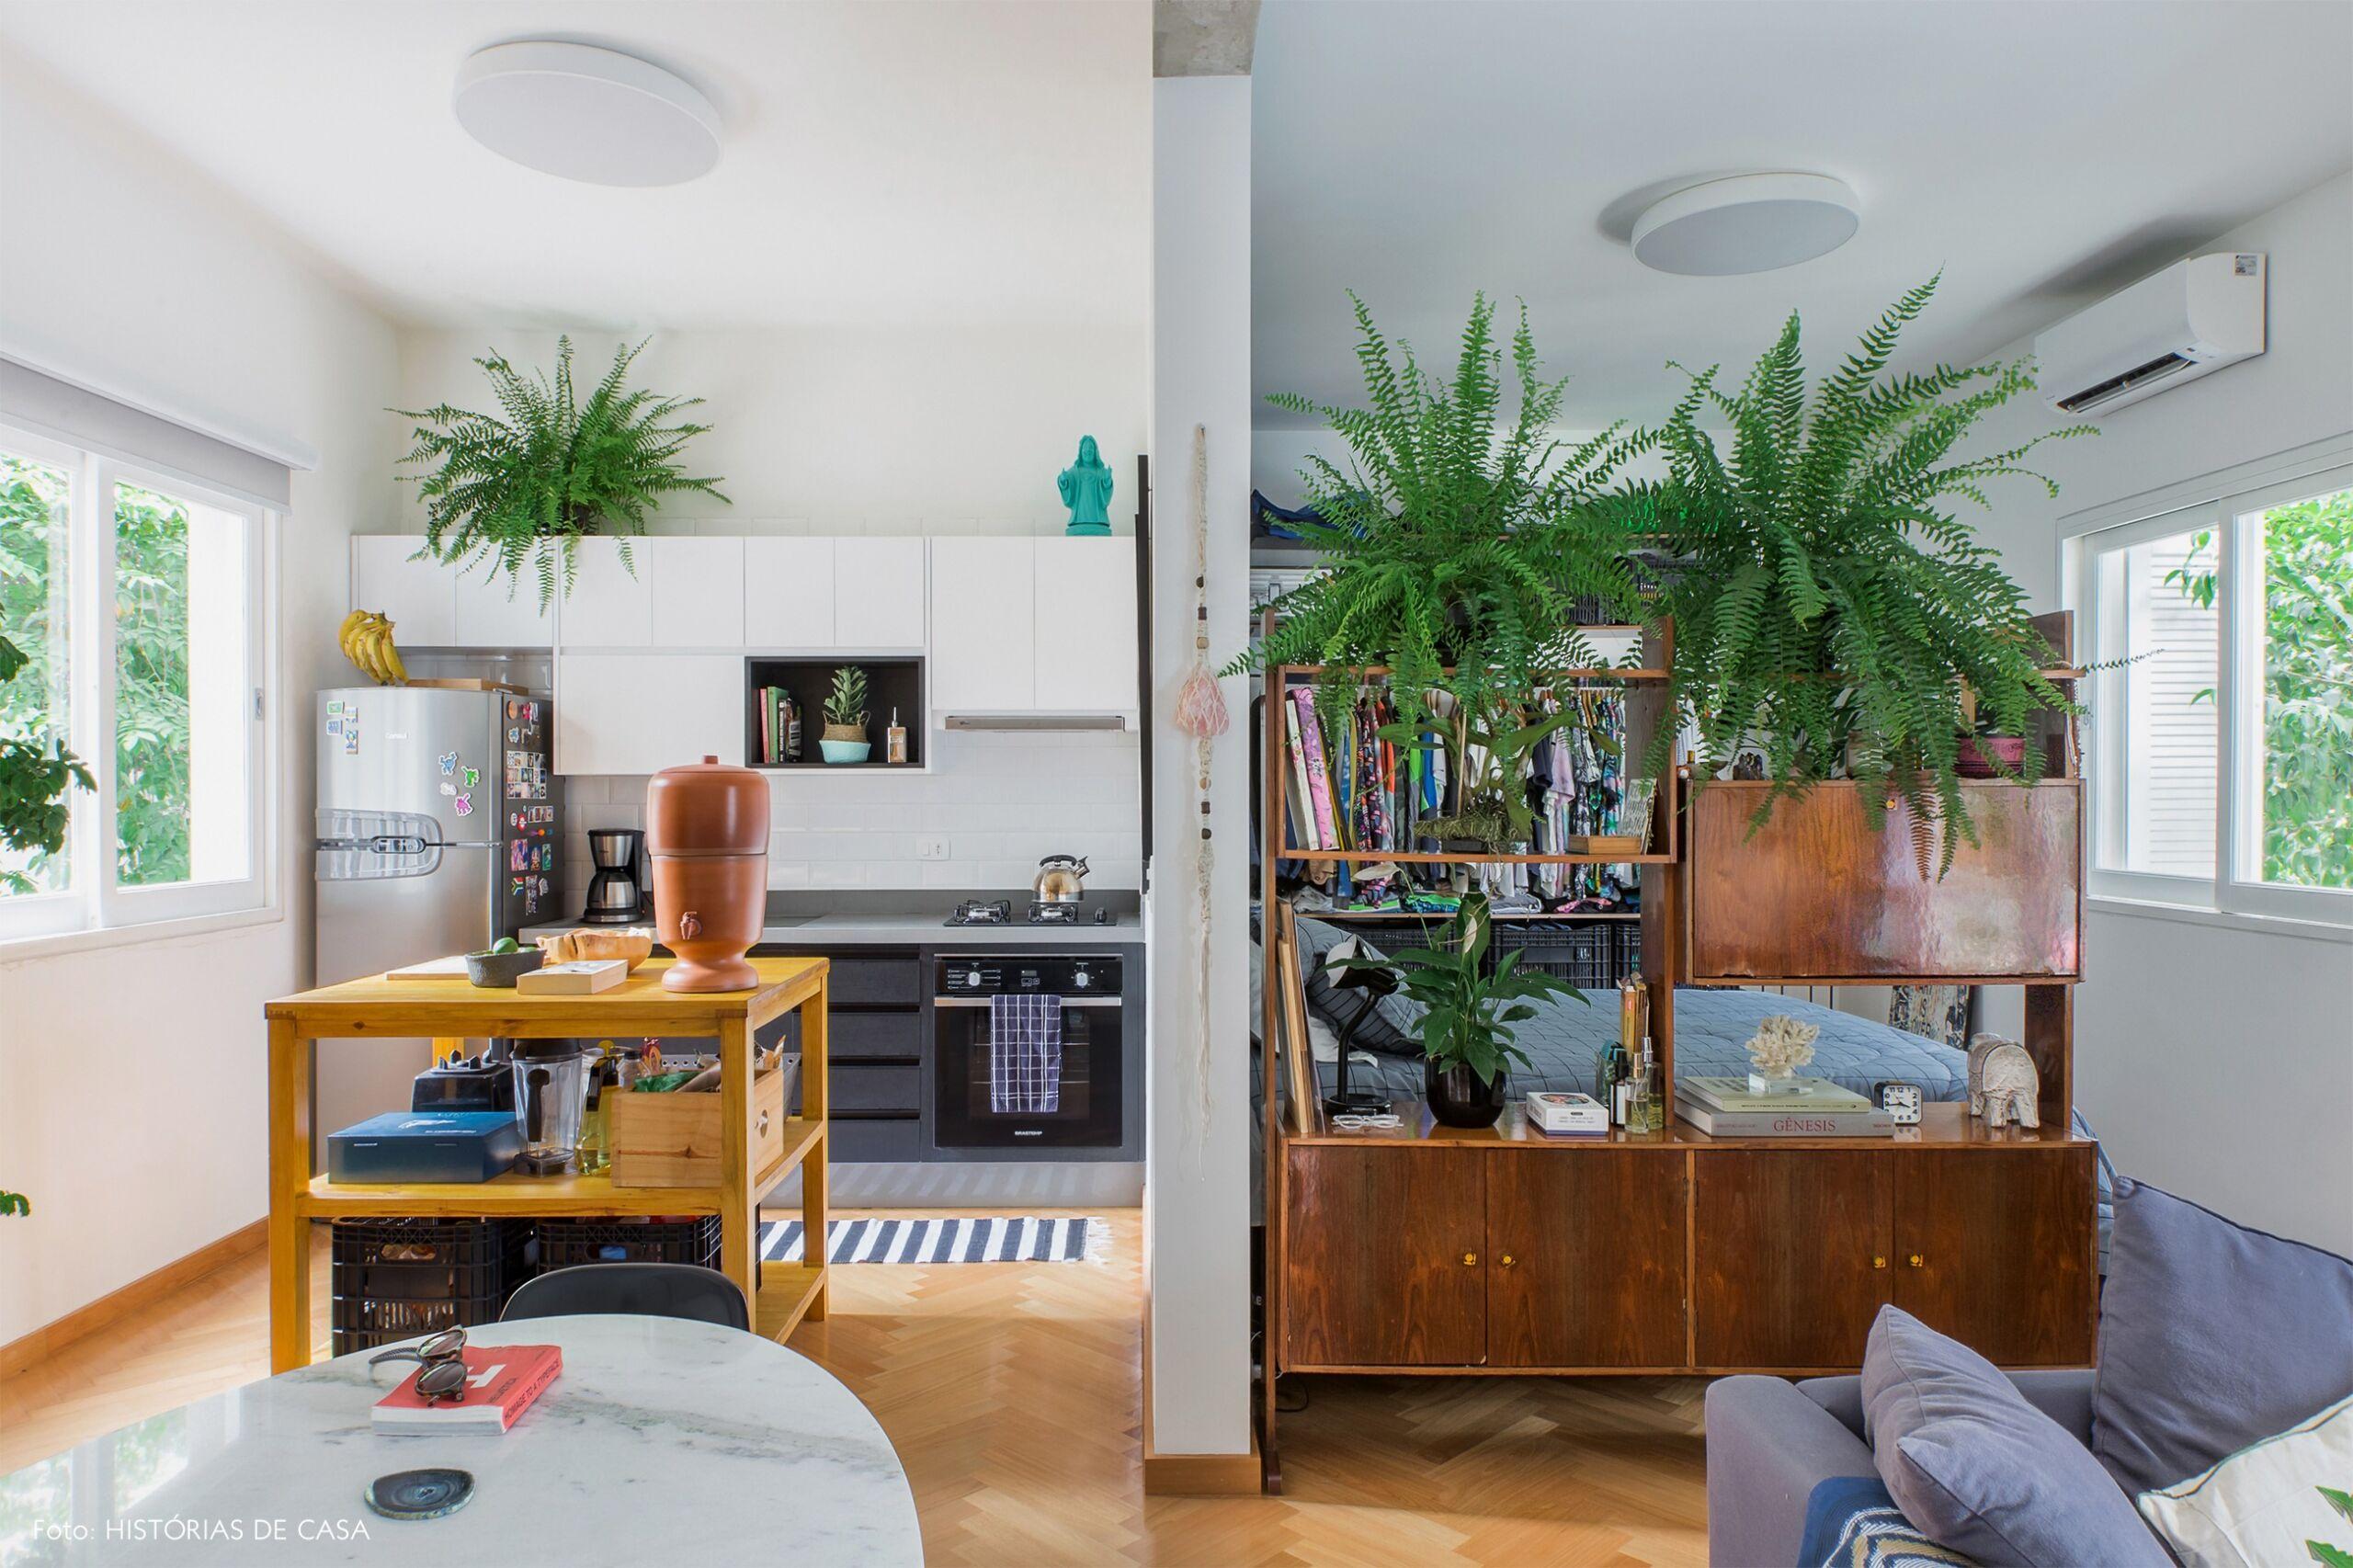 decoração apê sala quarto cozinha integrado